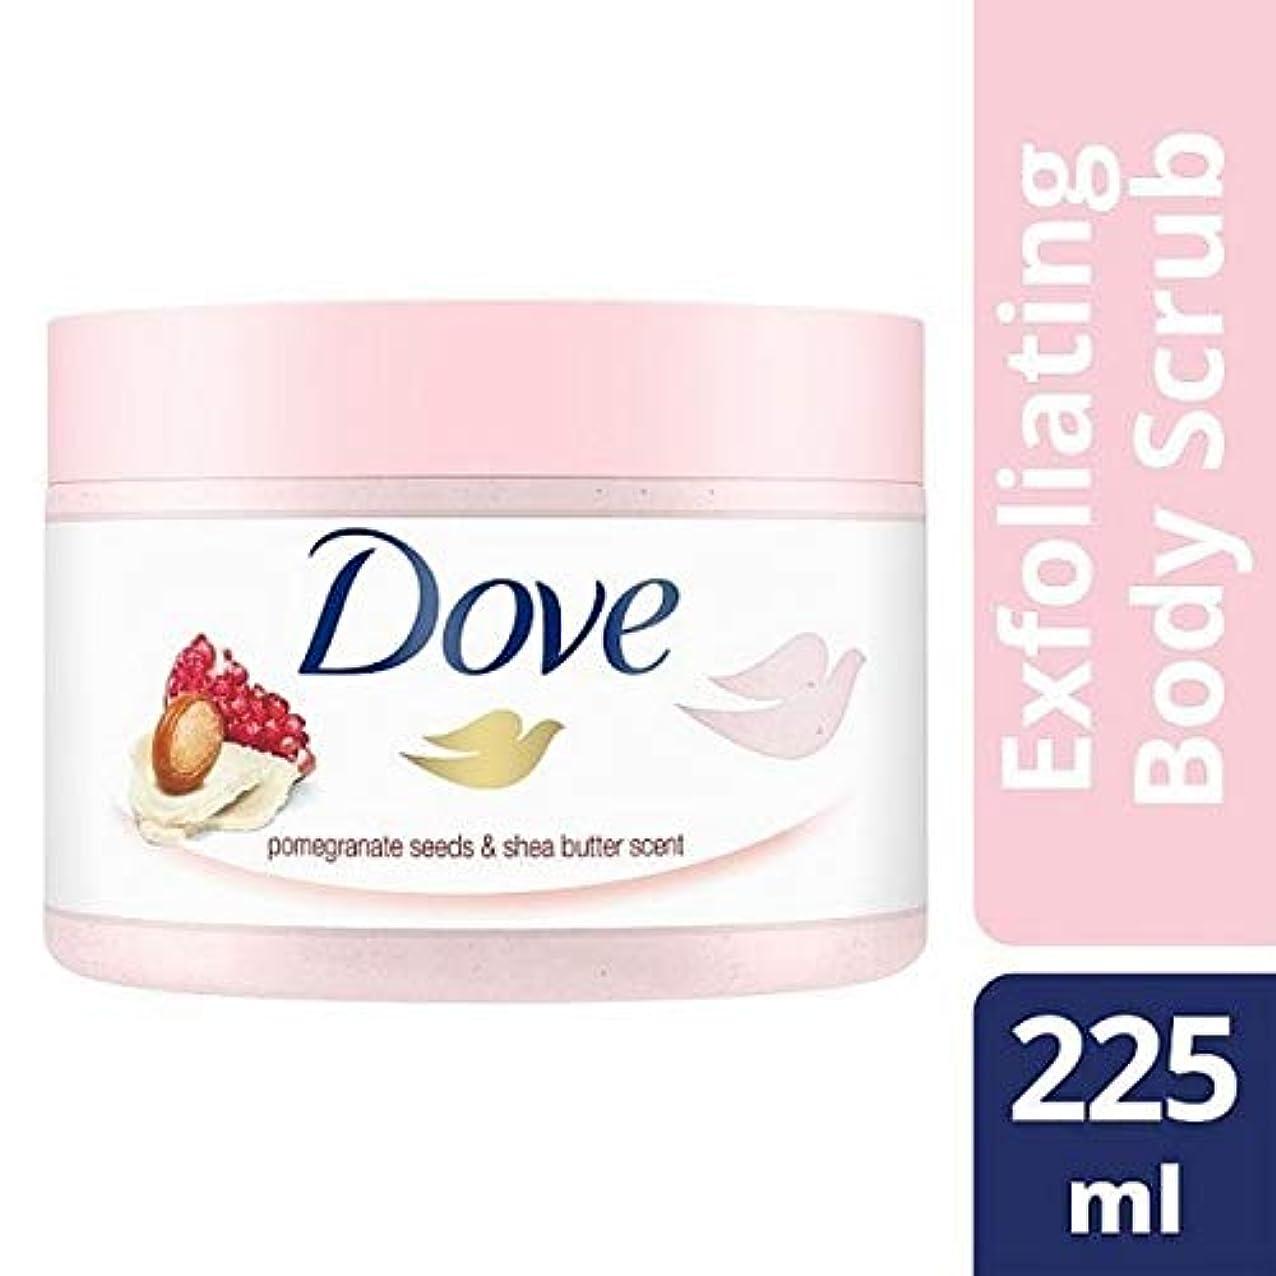 皮肉バレエ理論[Dove ] 225ミリリットルボディスクラブザクロ種子を剥離鳩 - Dove Exfoliating Body Scrub Pomegranate Seeds 225ml [並行輸入品]